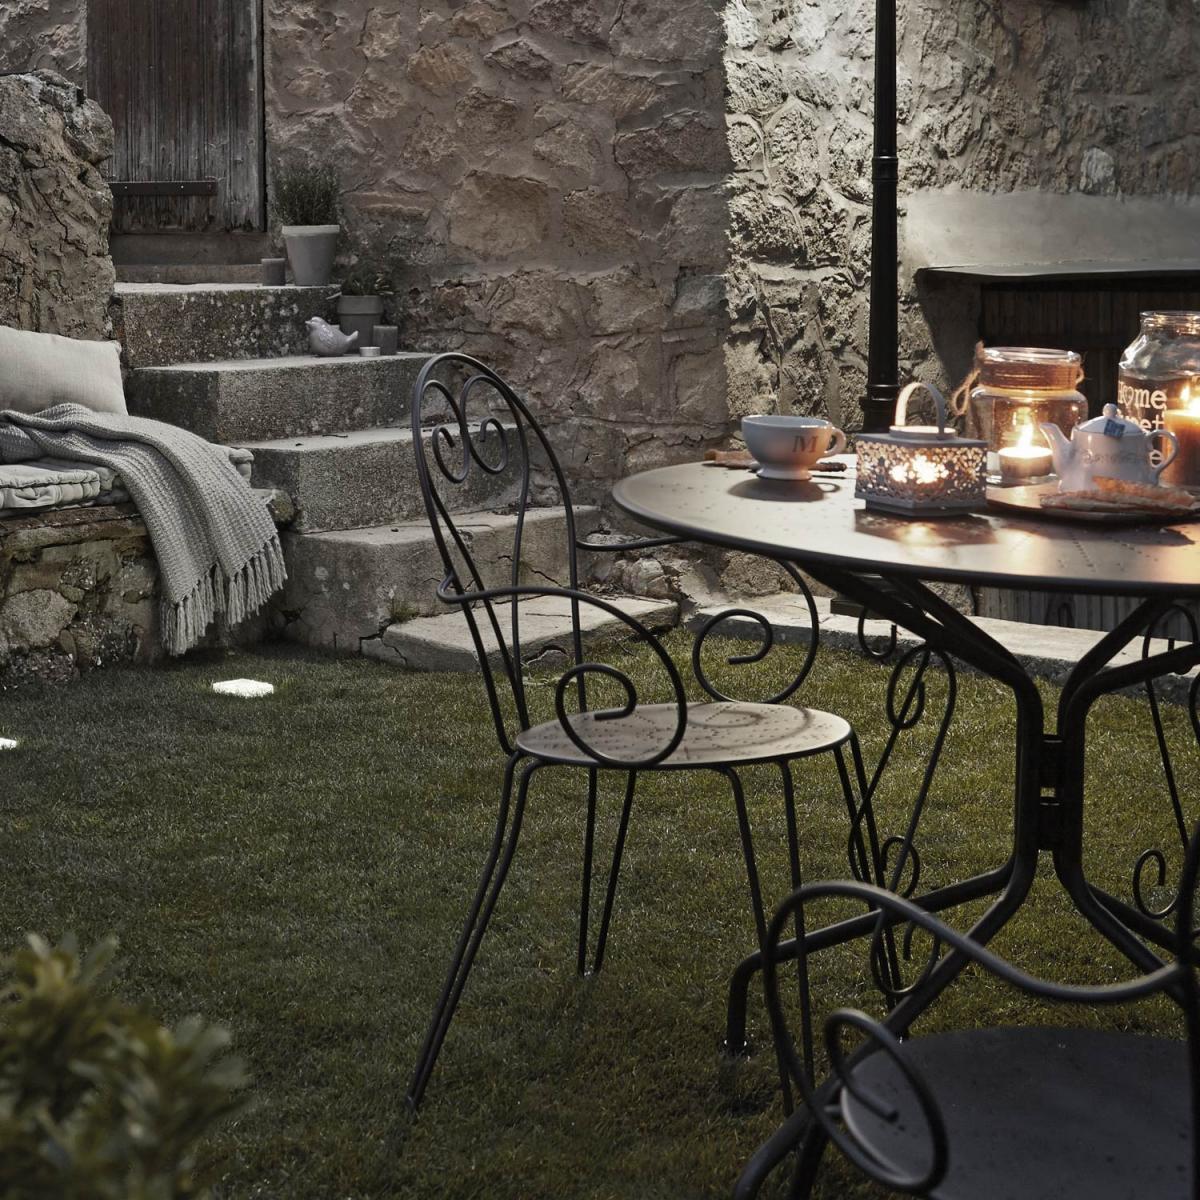 Table Pliante Leclerc Nouveau Collection Salon De Jardin Bois Leclerc Impressionnant Table Ronde Jardin Best